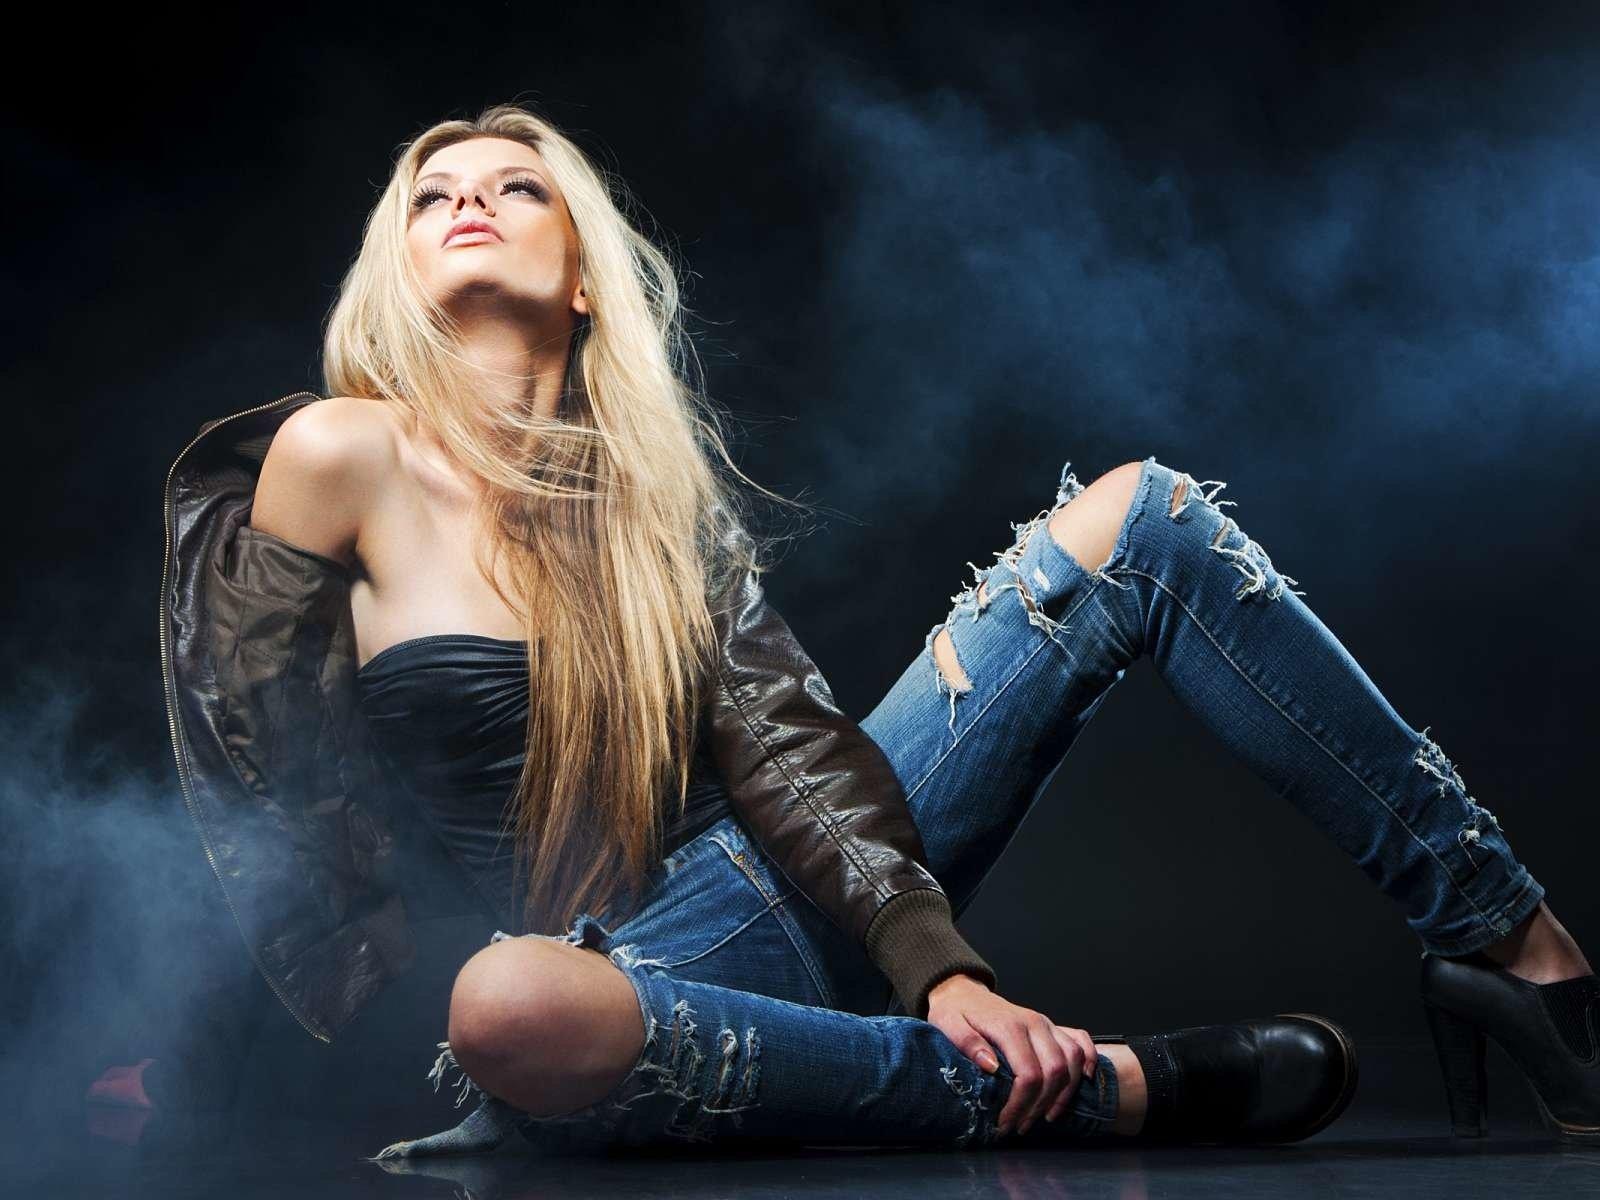 фото блондинки в джинсах на столе еще совсем девочка